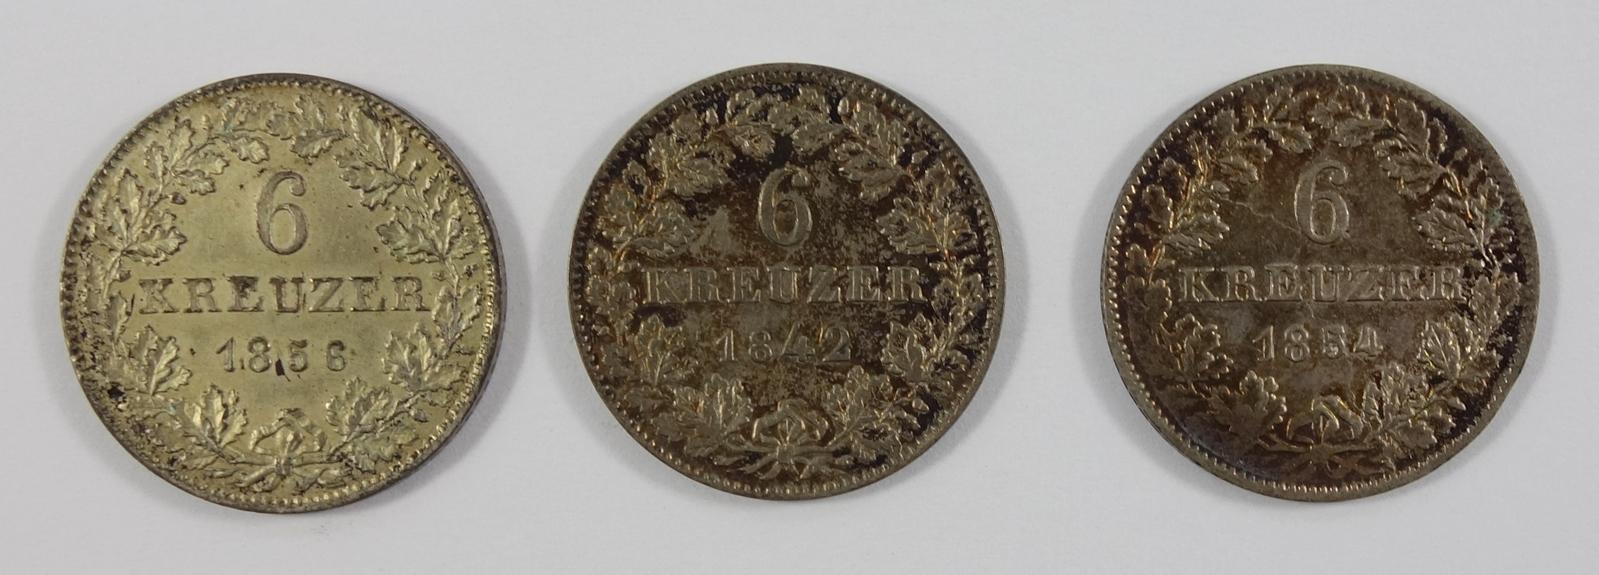 3 * 6 Kreuzer Freie Stadt Frankfurt, 1842, 1852 und 1856, ss3 * 6 Kreuzer Frankfurt, 1842, 1852 - Bild 2 aus 2